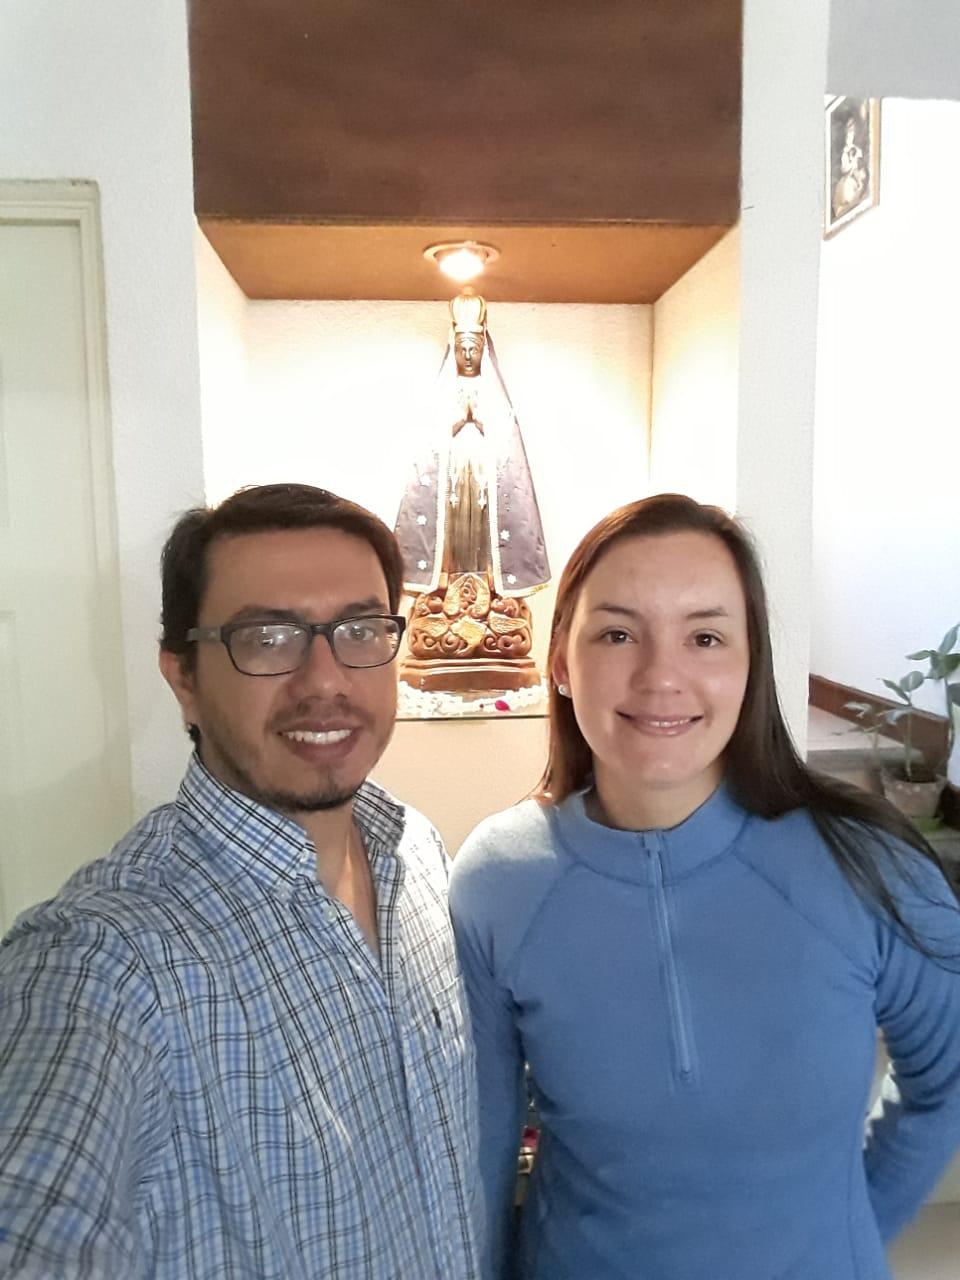 A foto mostra Milton de camisa litrada e Soledad de blusa azul sorrido. Ao fundo, uma imagem de Nossa Senhora Aparecida.